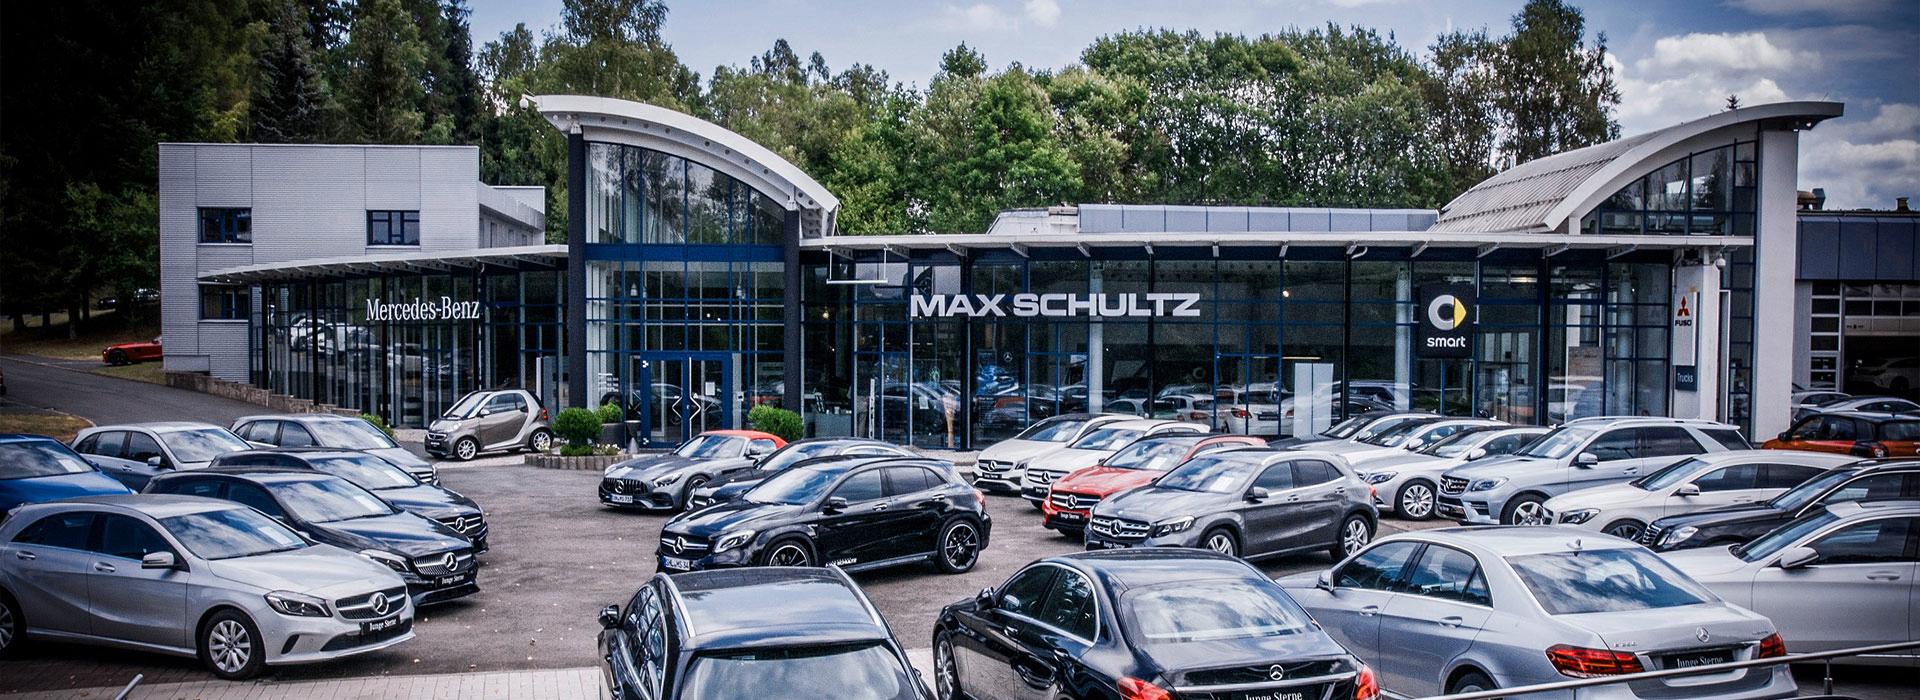 Max Schultz Autohaus Standort Suhl